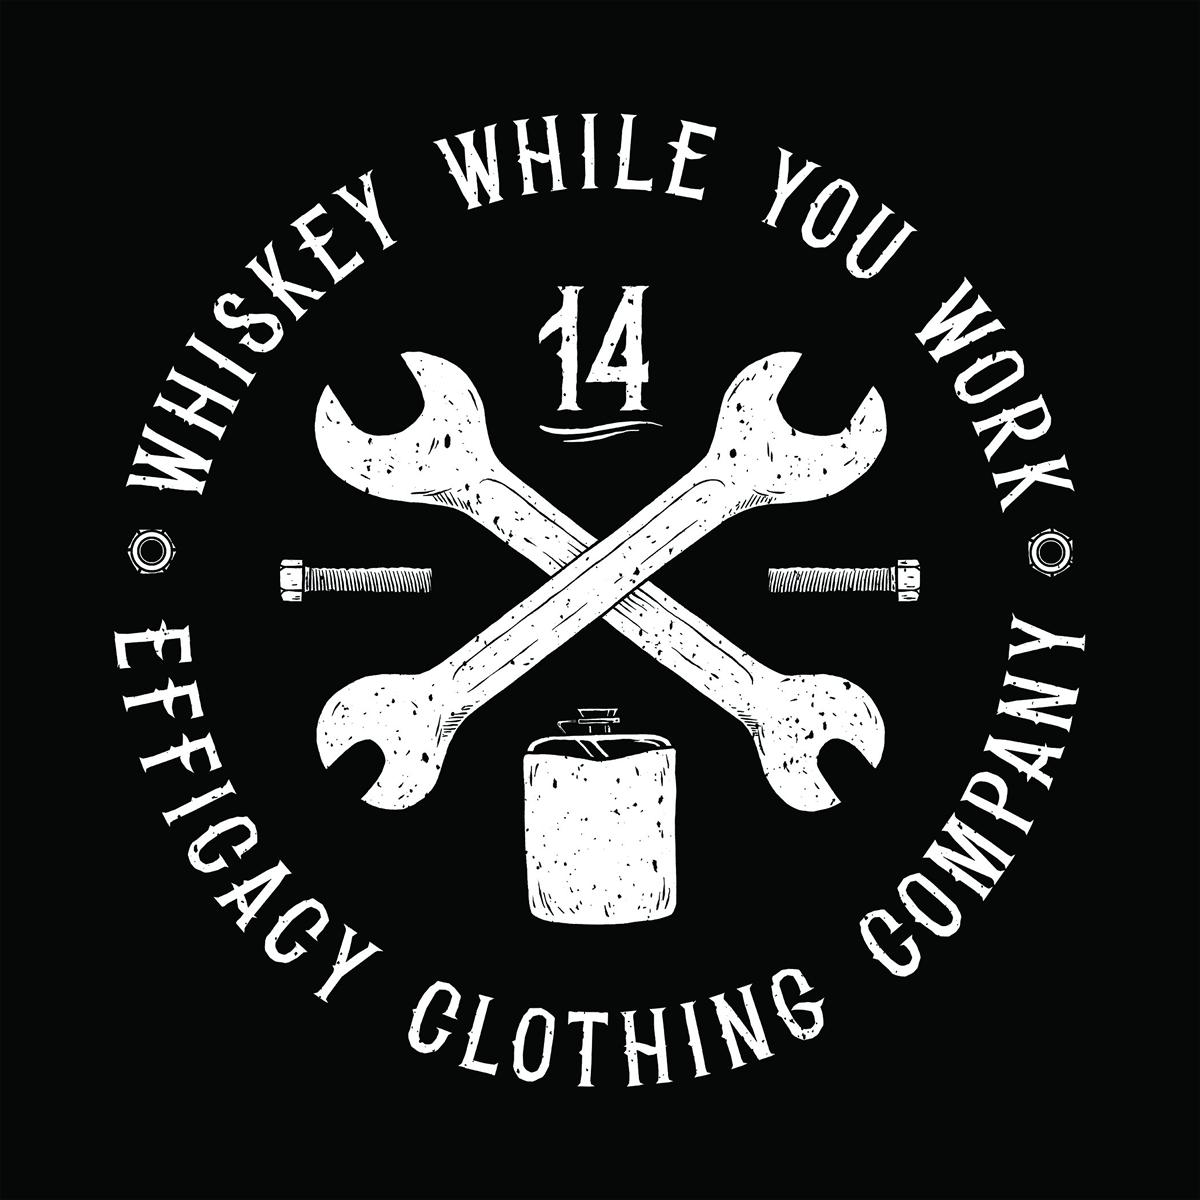 WhiskeyWorkBACKWeb.fw.png